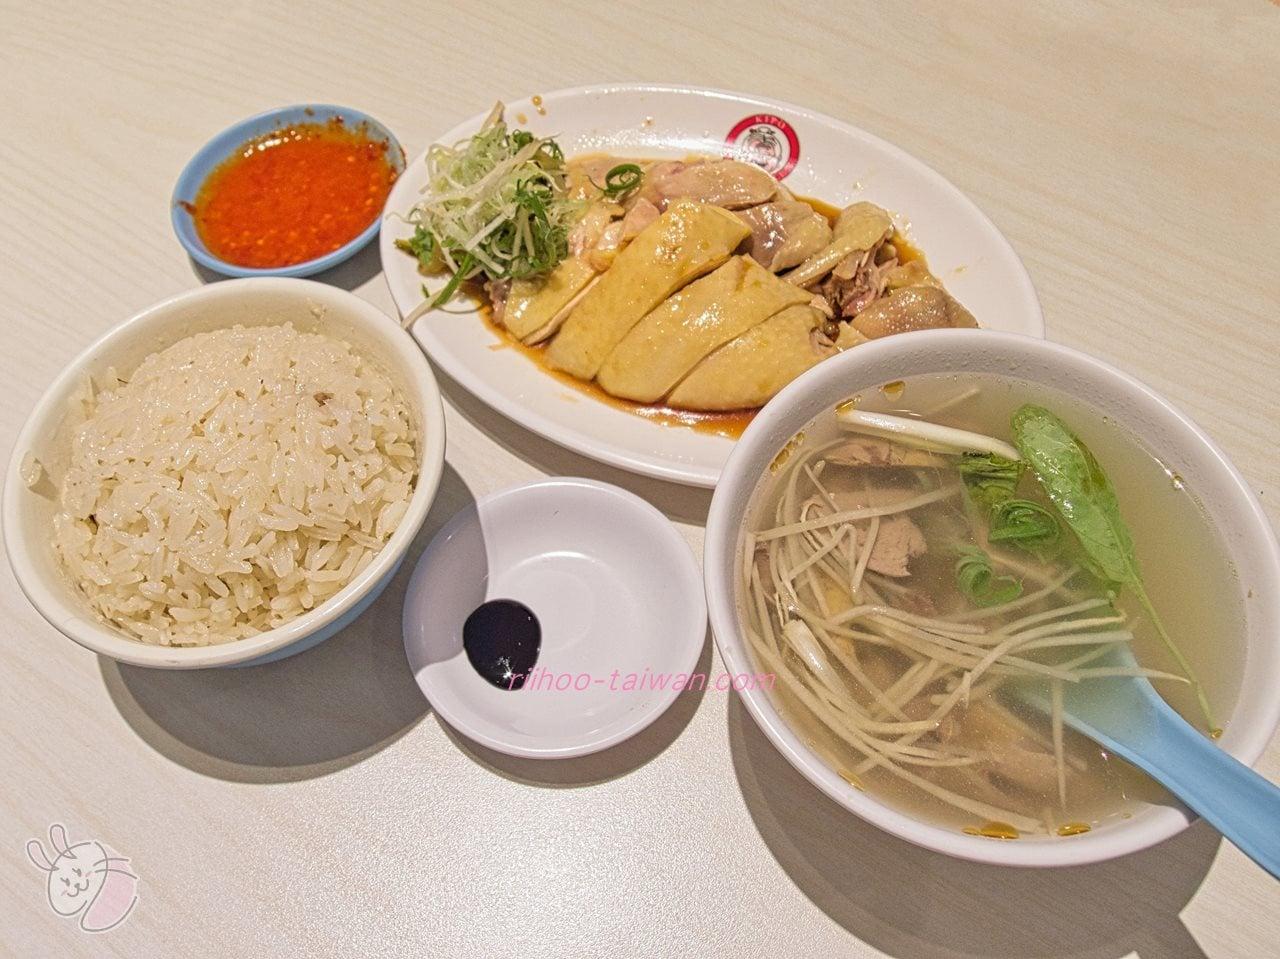 文慶雞(文慶鶏)  注文した品々